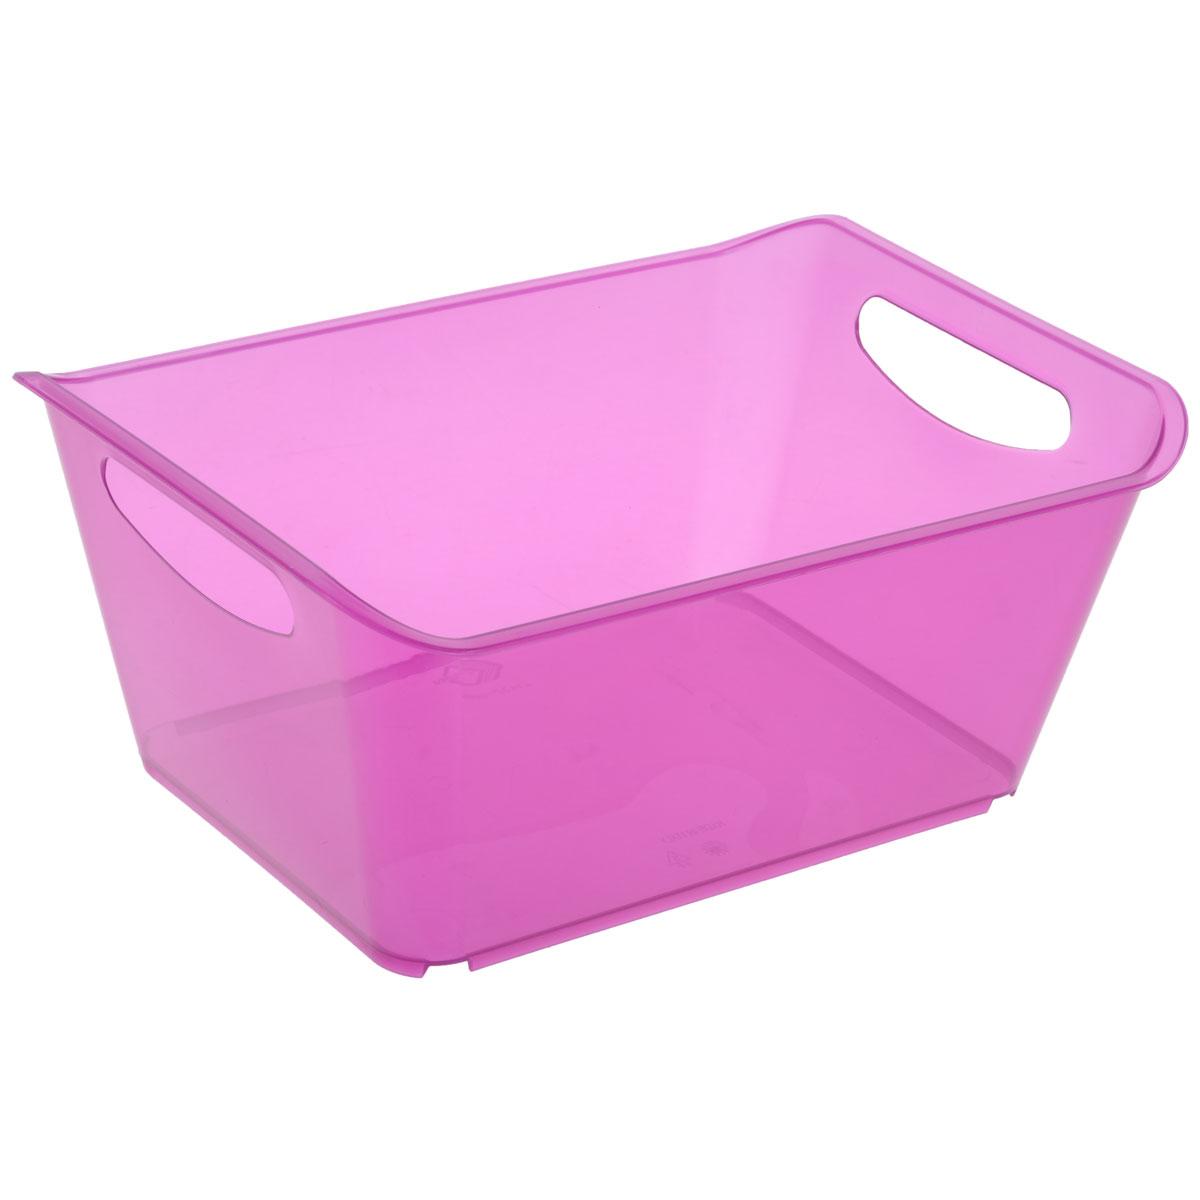 Контейнер Gensini, цвет: сиреневый, 10 лCLP446Контейнер Gensini выполнен из прочного пластика. Он предназначен для хранения различных мелких вещей в ванной, на кухне, даче или гараже, исключая возможность их потери. По бокам контейнера предусмотрены две удобные ручки для его переноски.Контейнер поможет хранить все в одном месте, а также защитить вещи от пыли, грязи и влаги. Объем: 10 л.